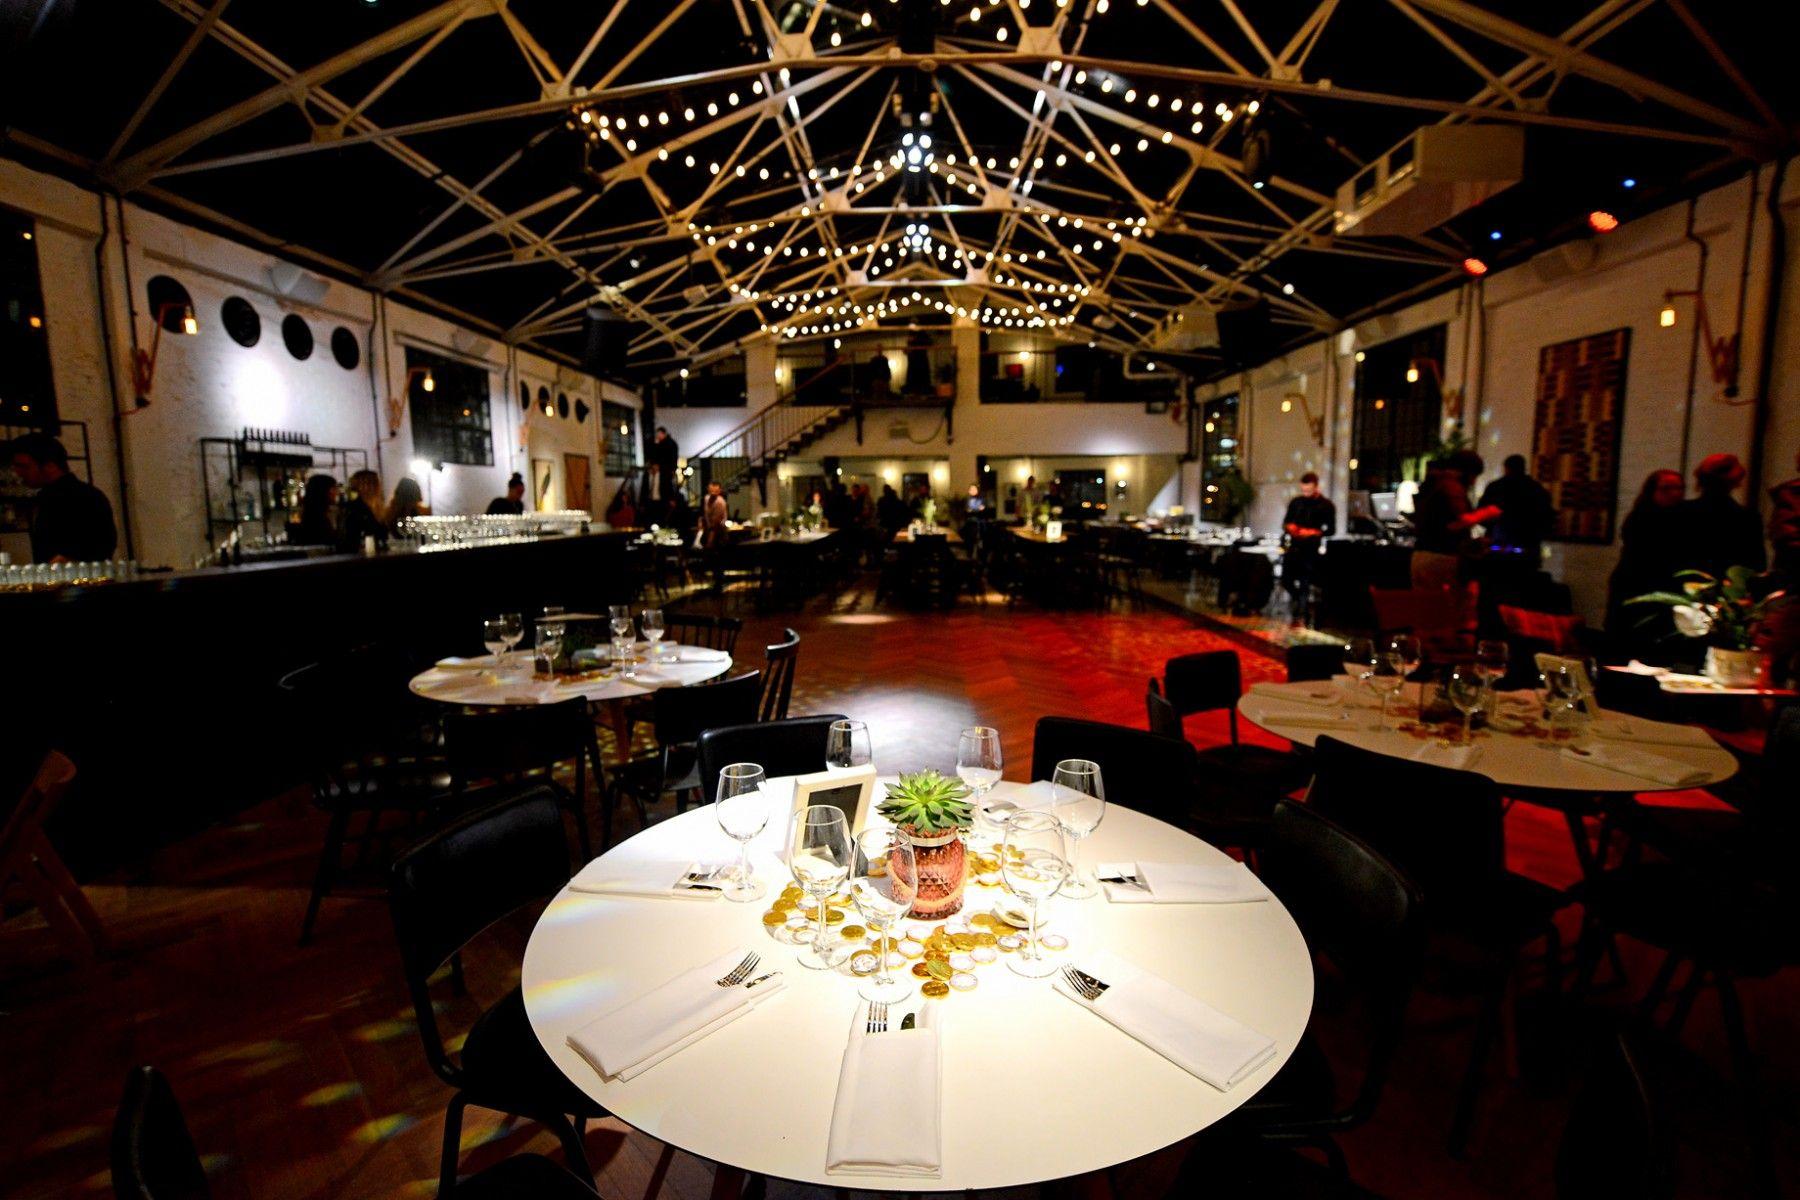 בית השמחות Table settings, Basketball court, Table